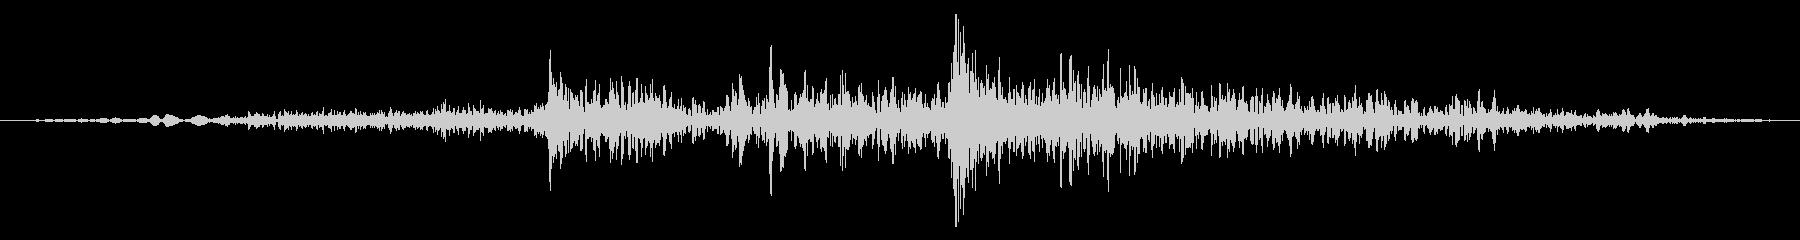 ふすまを開ける音3の未再生の波形